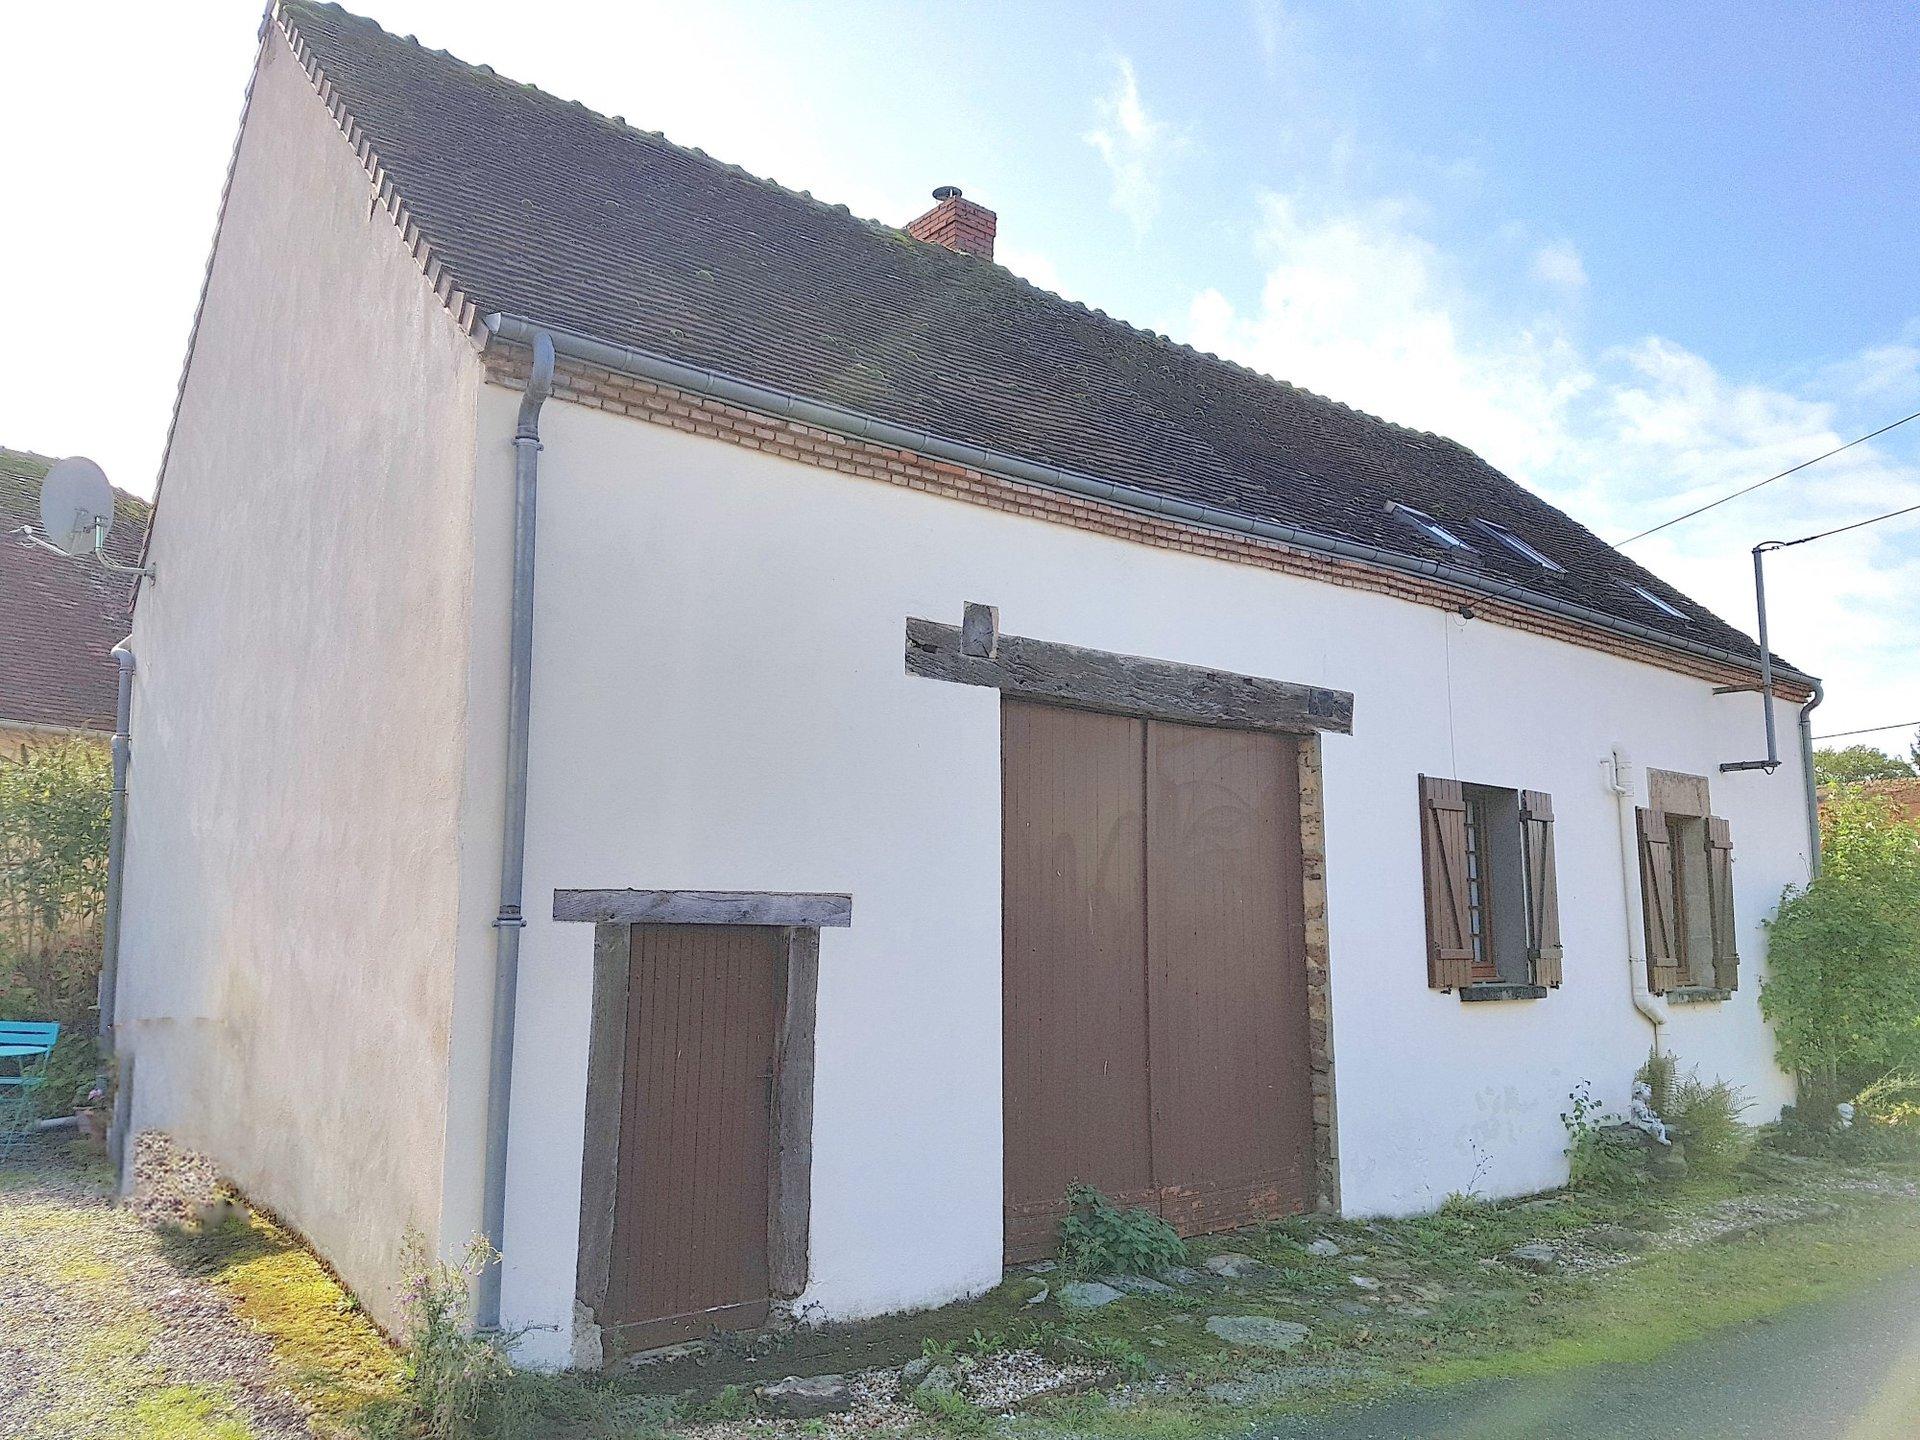 Proche Eguzon, Indre 36: jolie maison à 5 min. de la plage